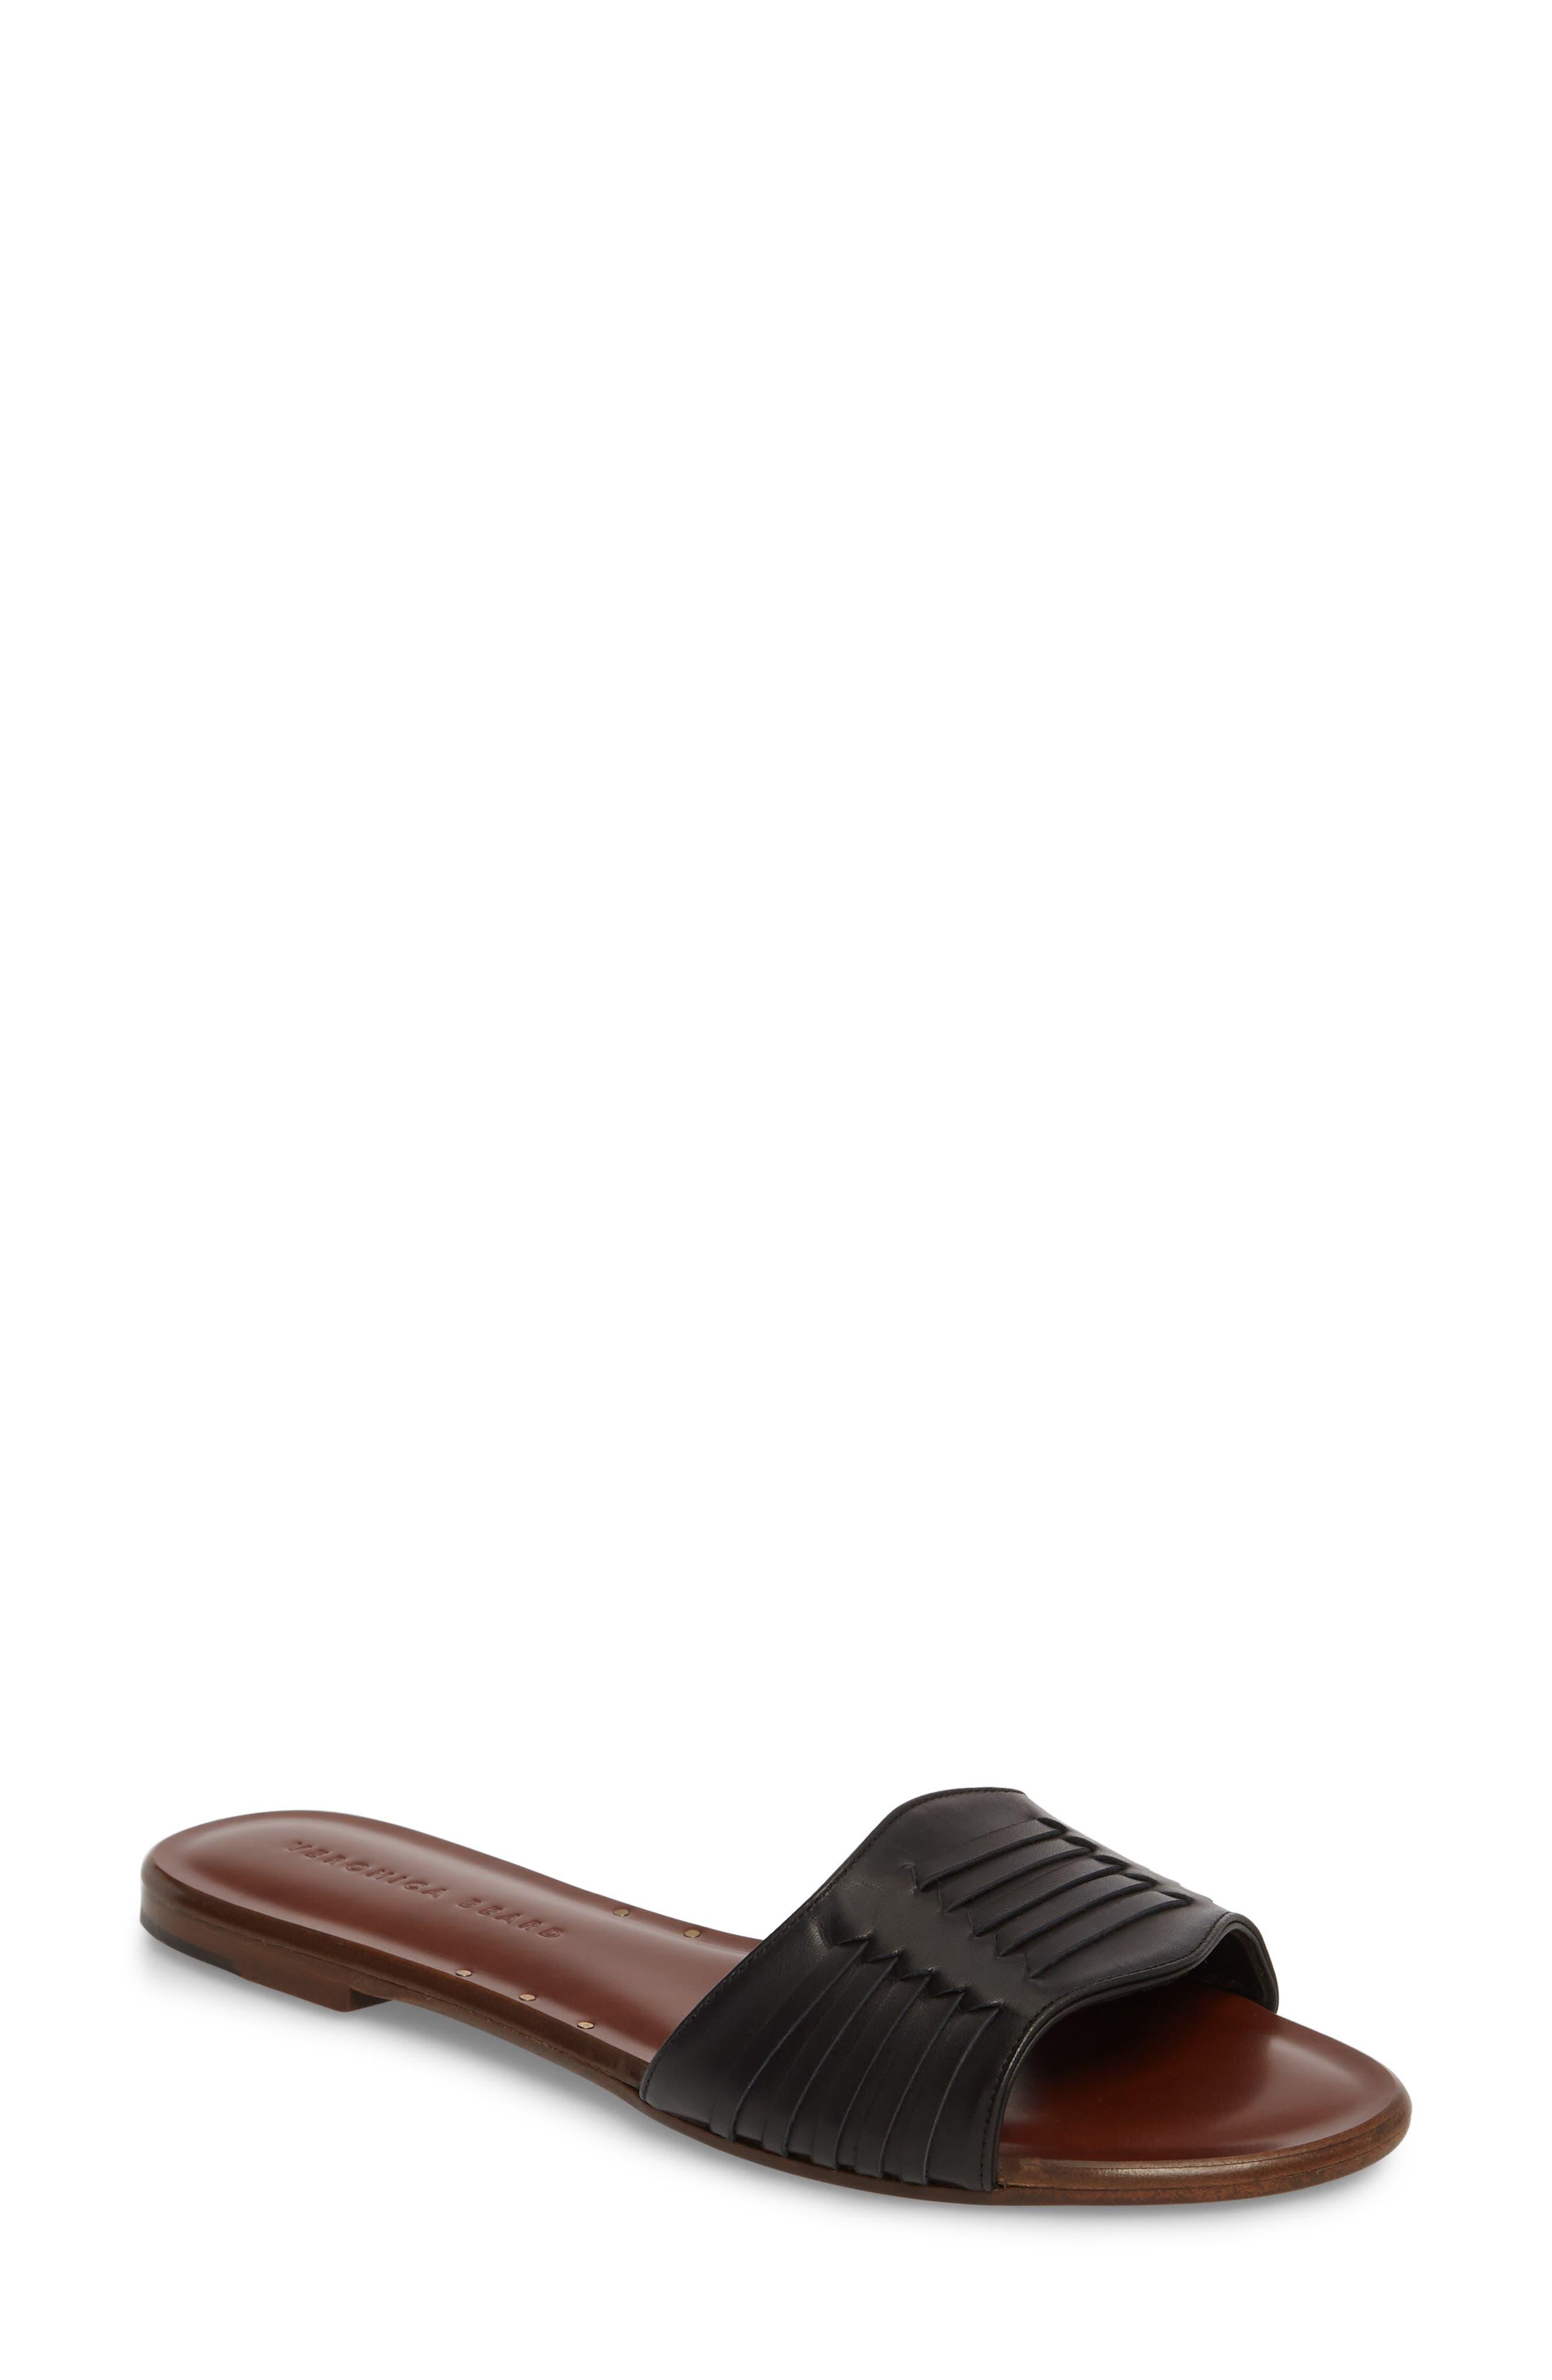 Faven Woven Slide Sandal,                             Main thumbnail 1, color,                             001